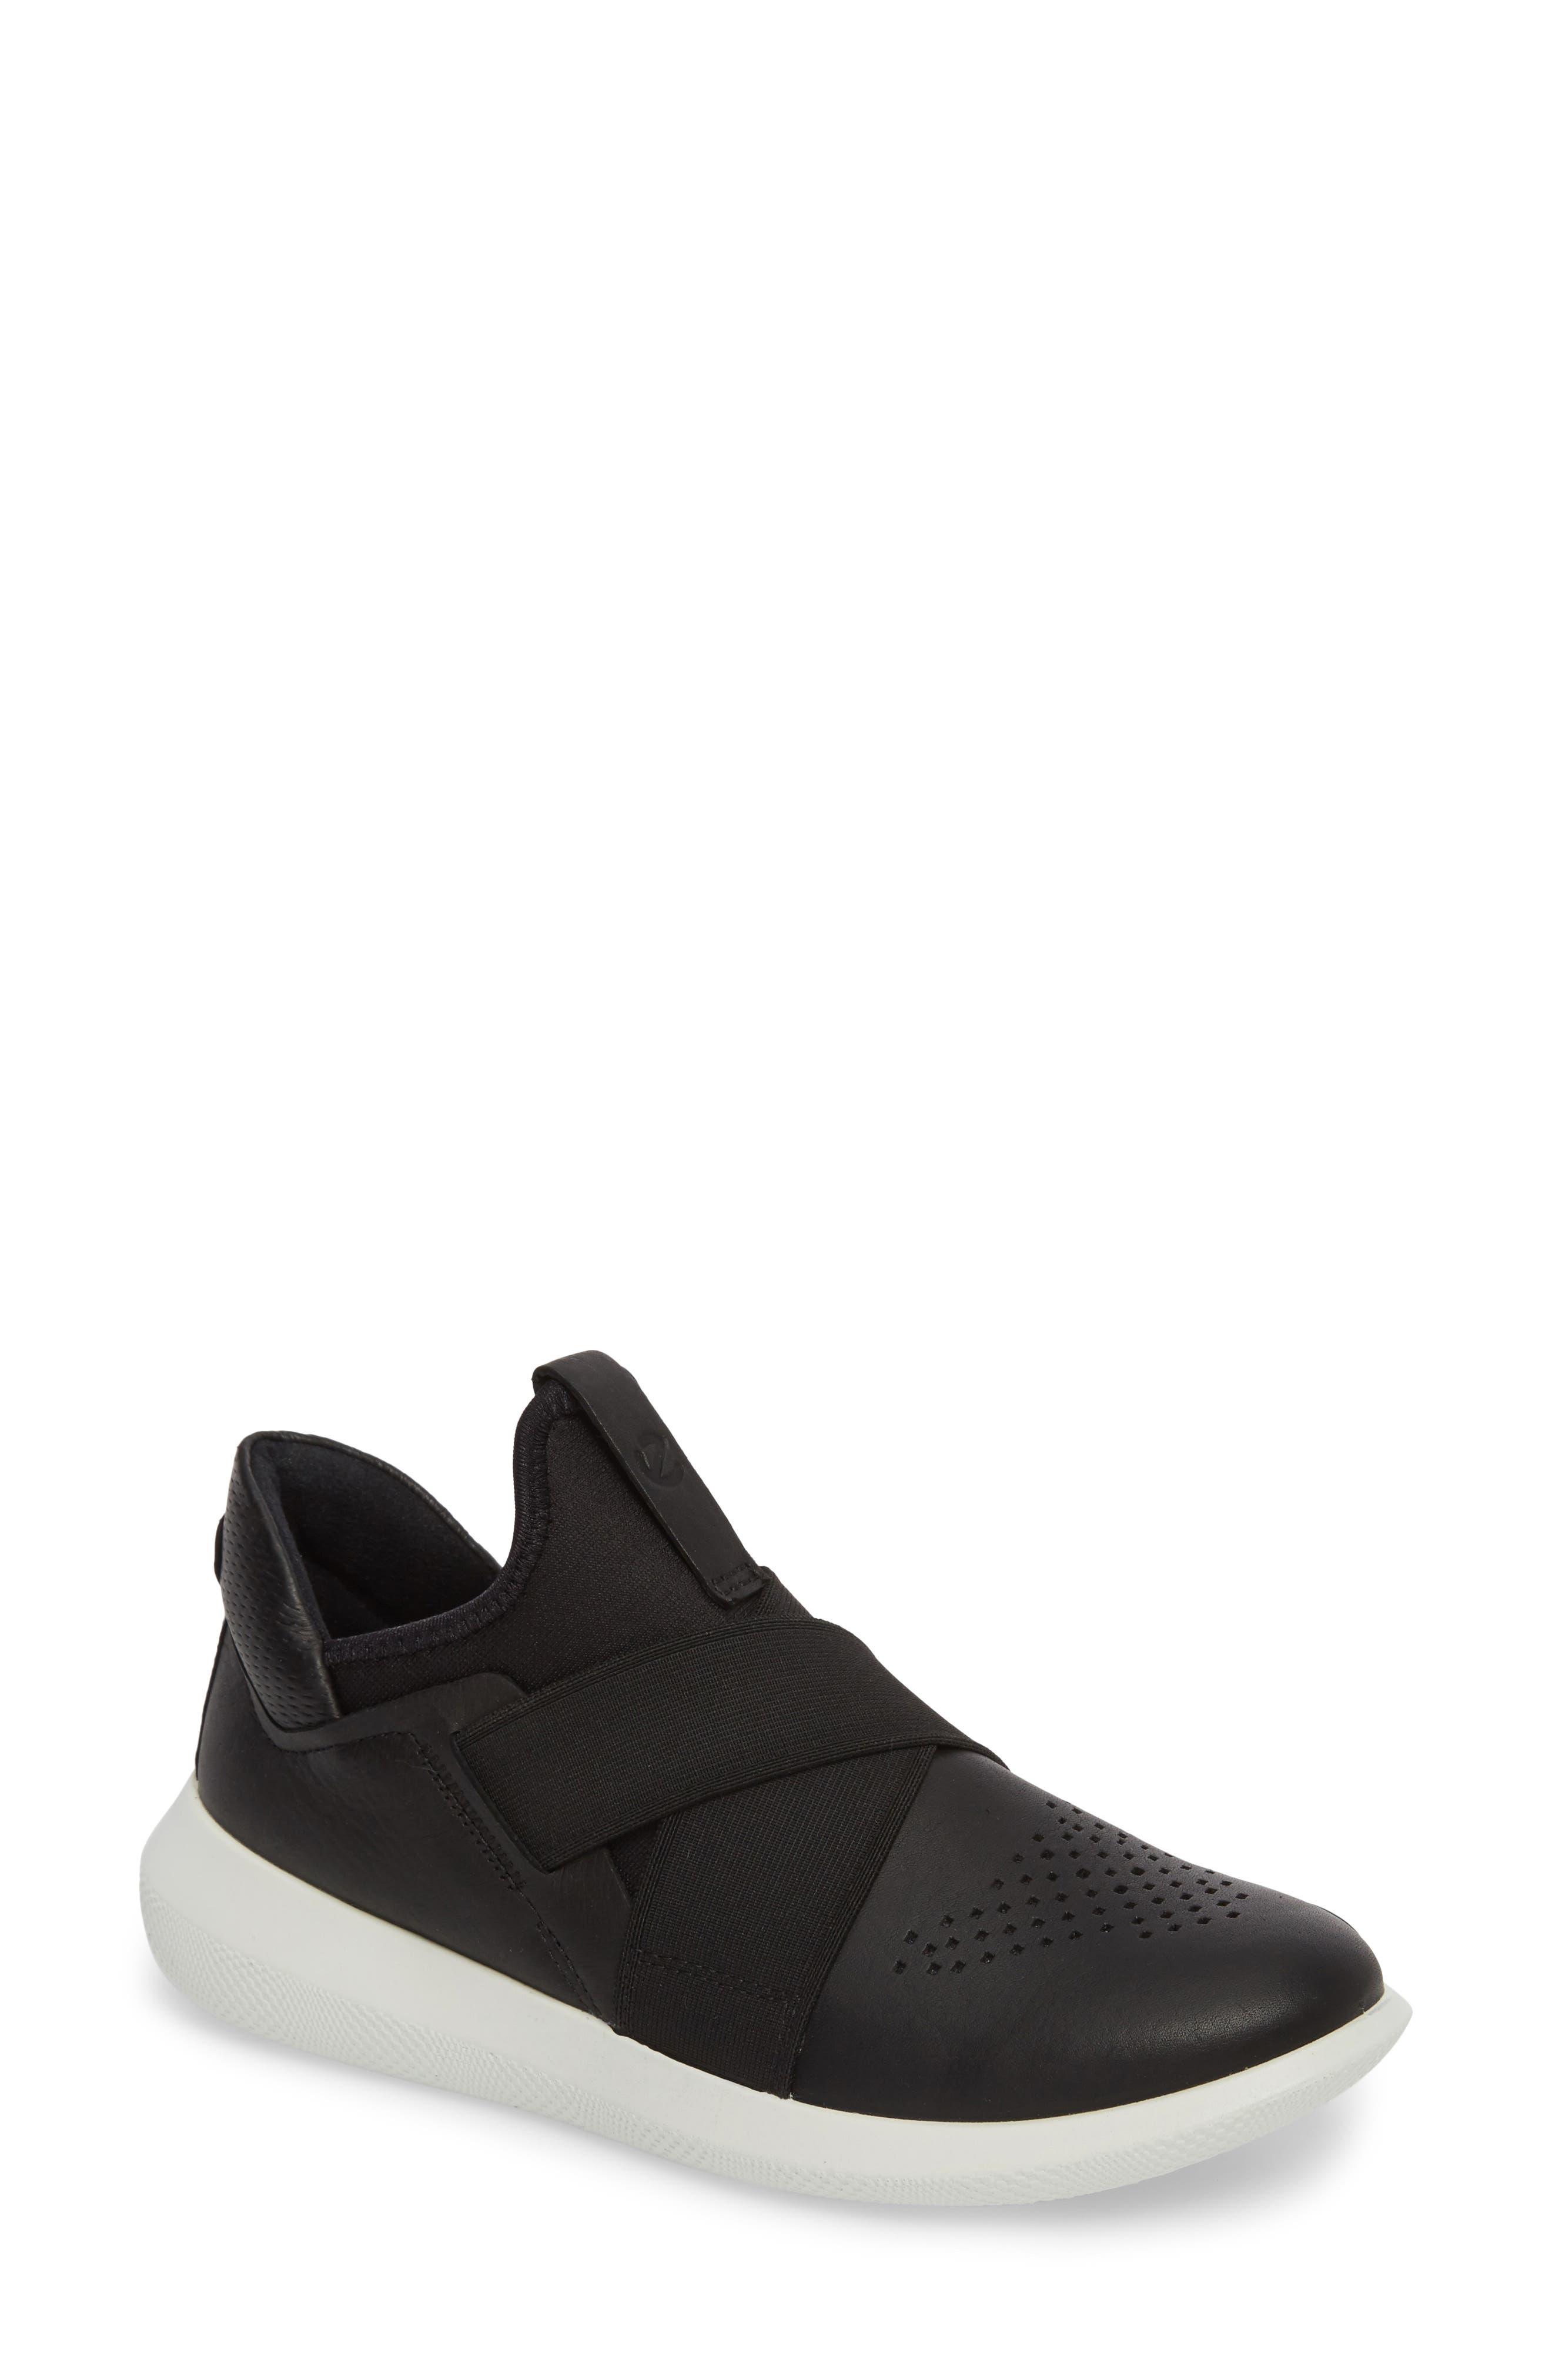 Ecco Scinapse Band Sneaker, Black